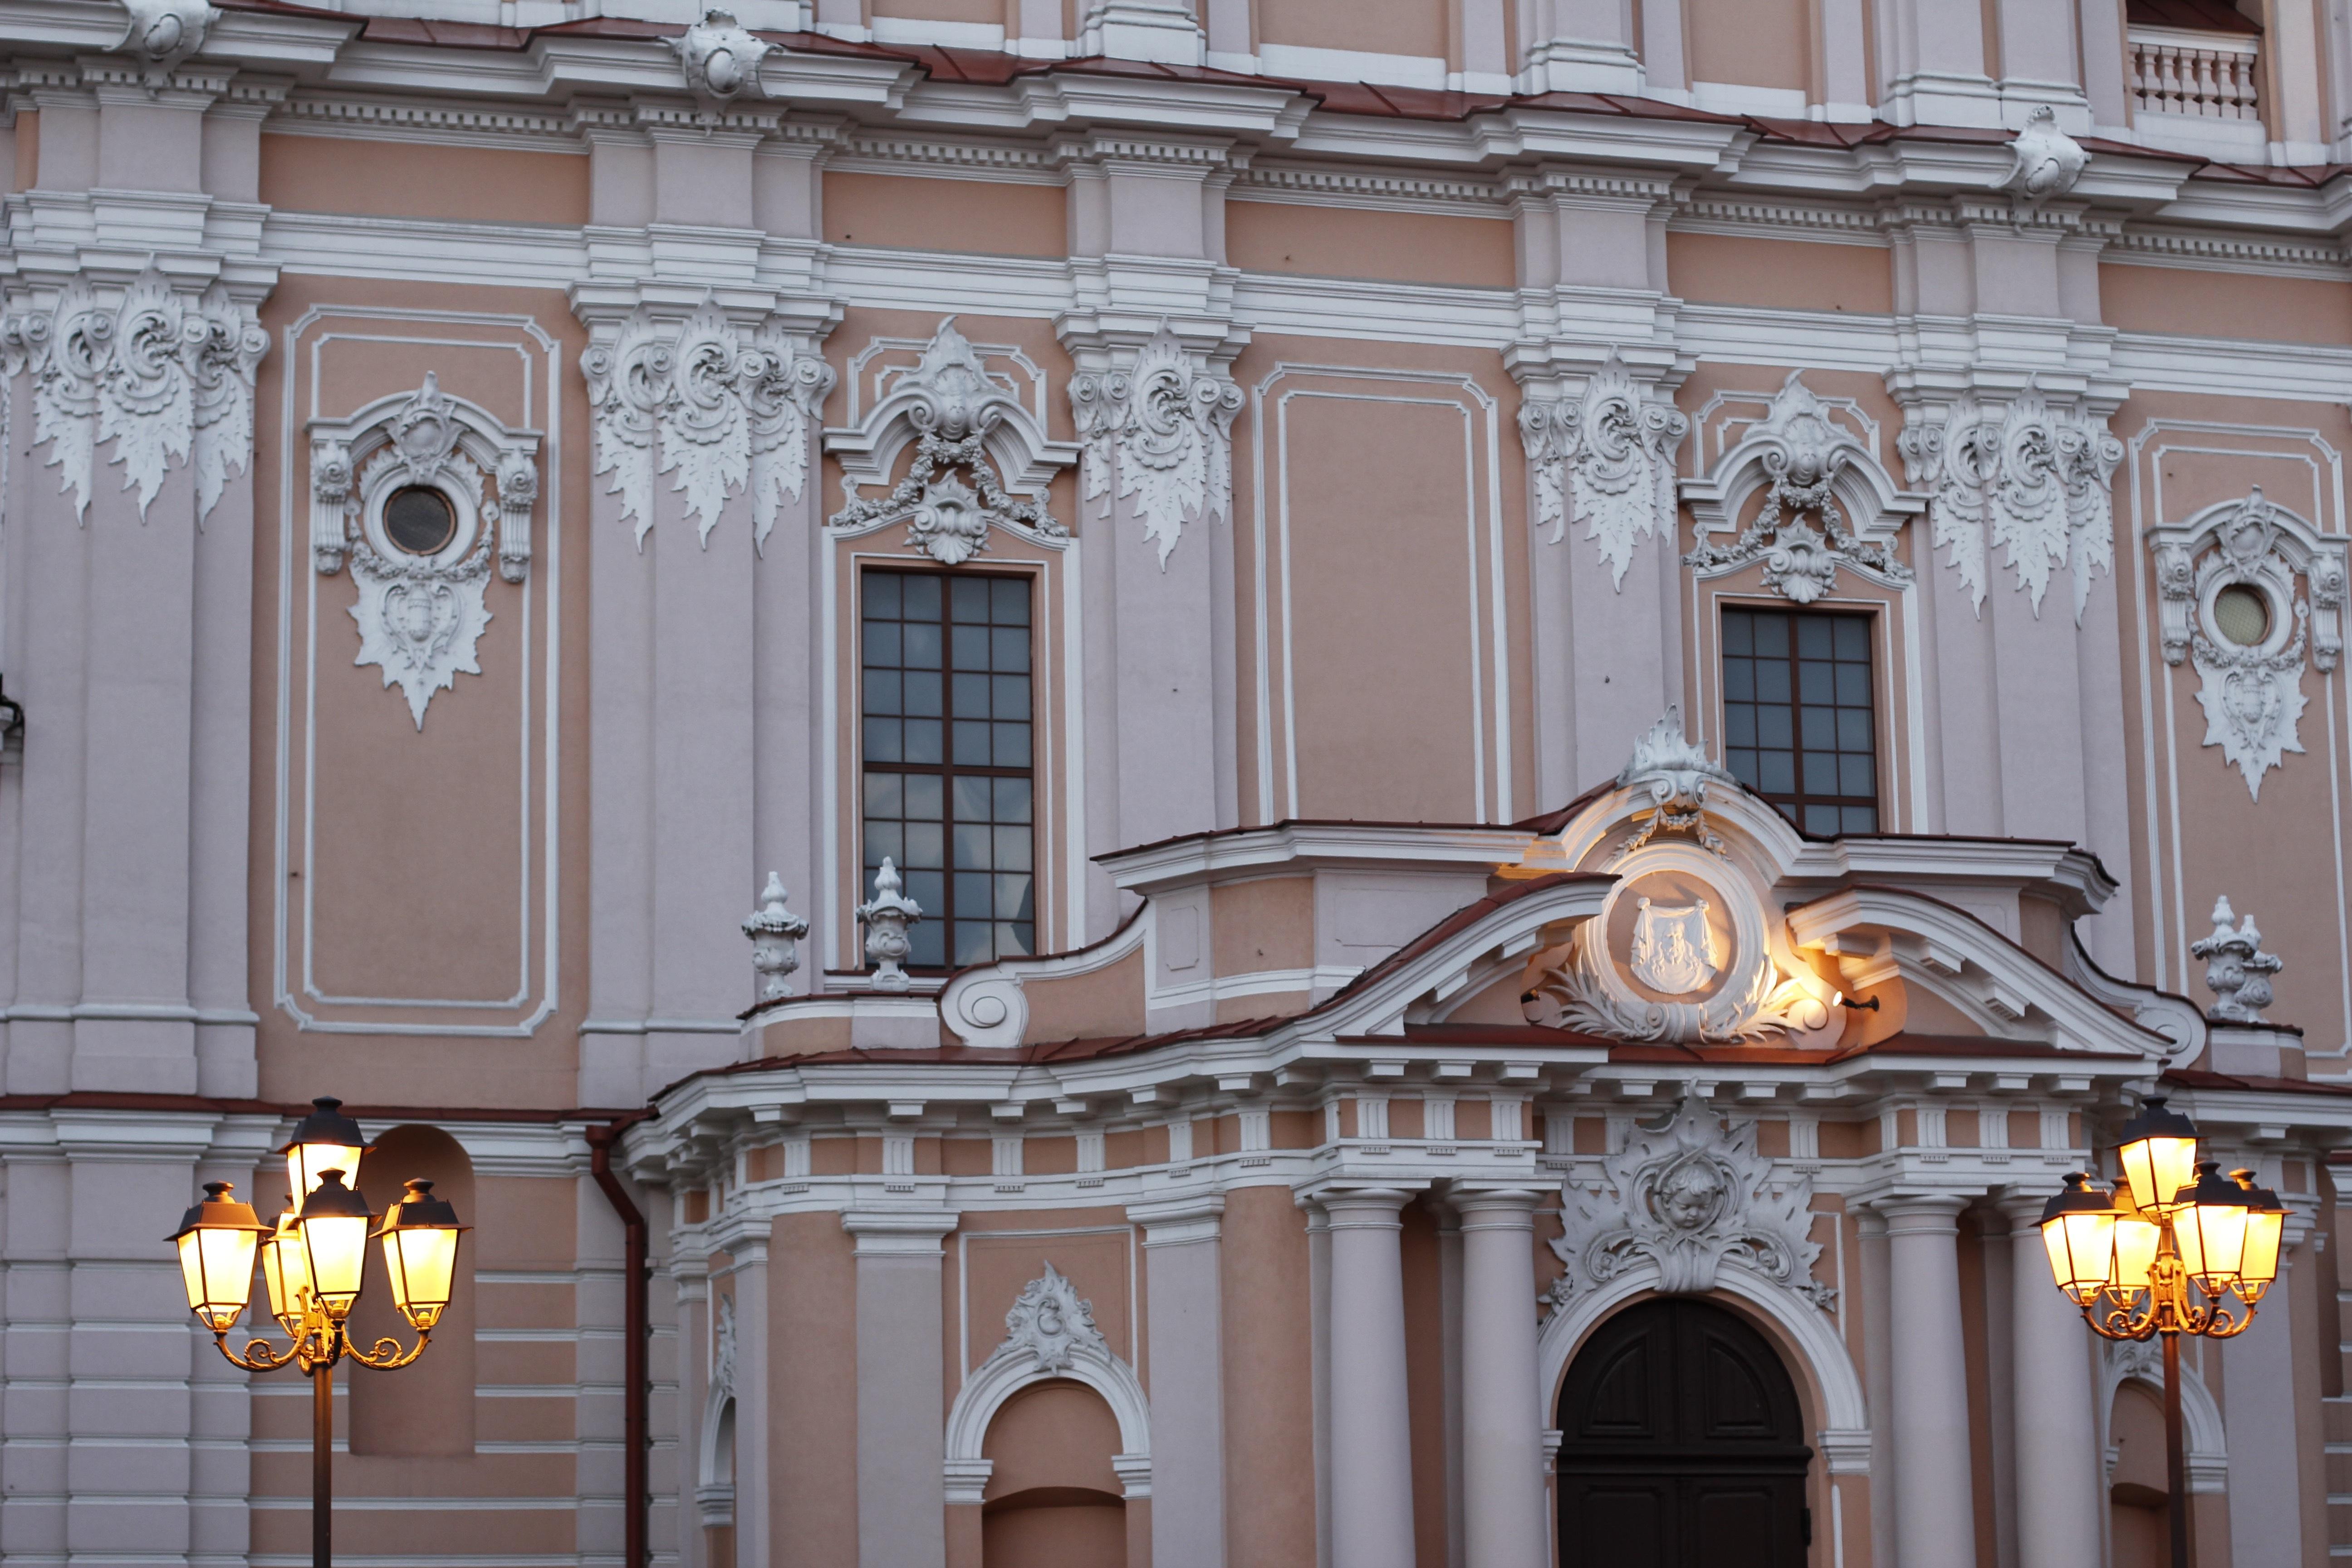 Immobilien Litauen kostenlose foto die architektur villa haus fenster gebäude